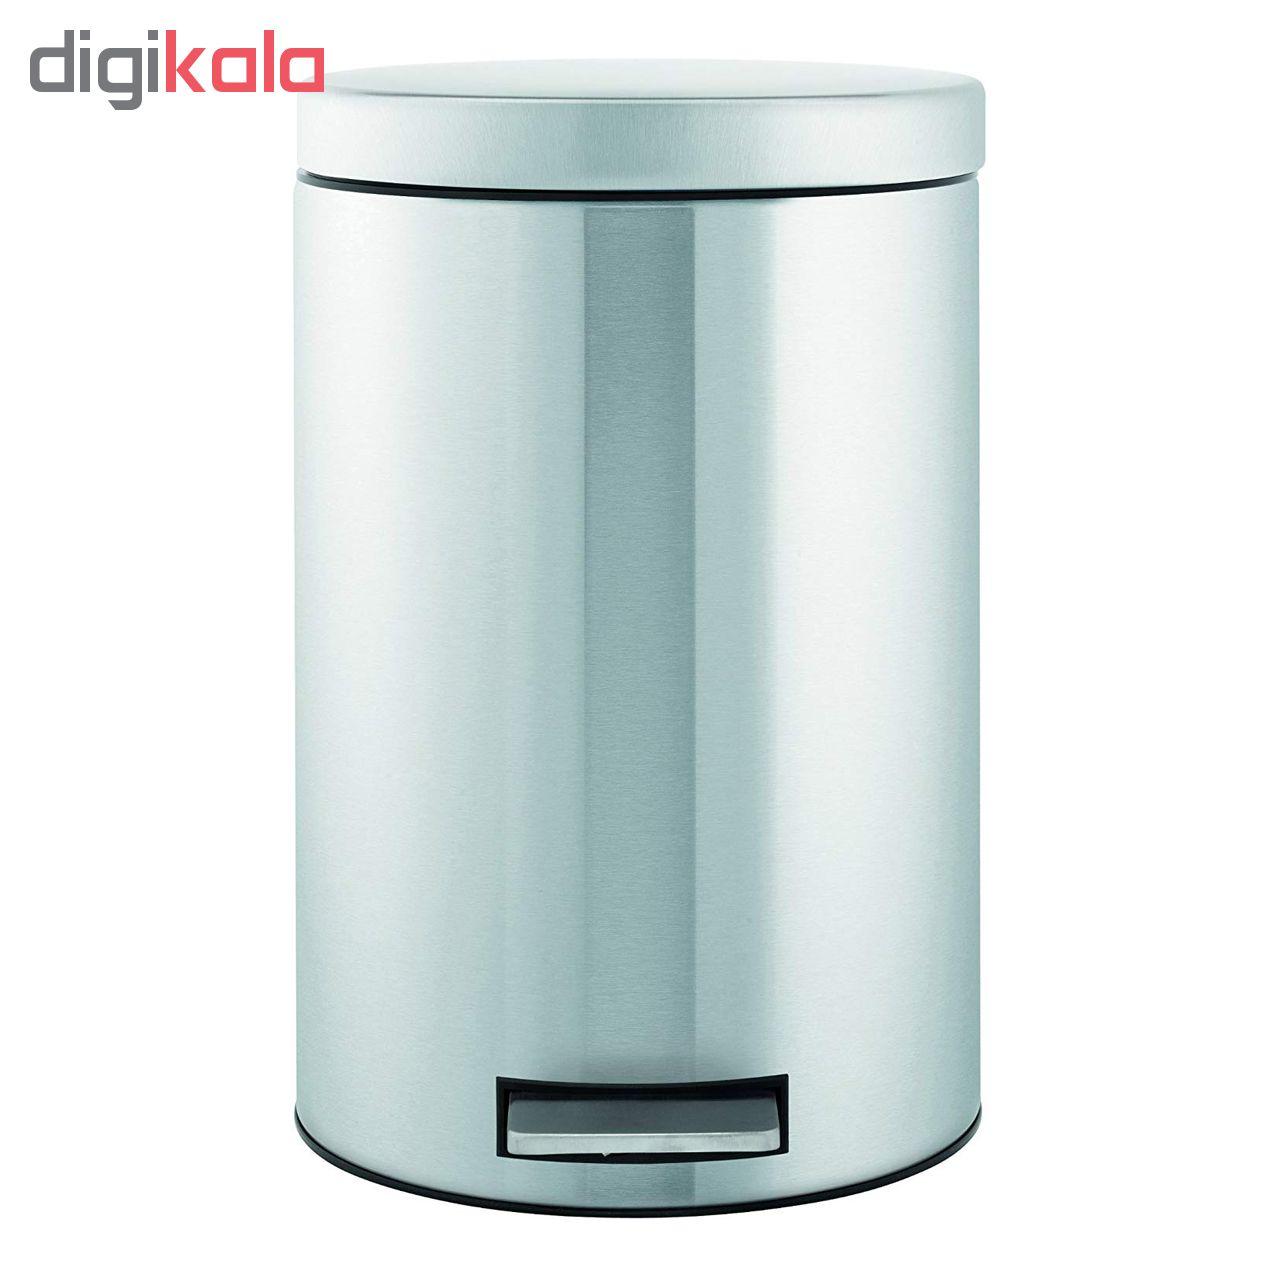 سطل زباله برابانتیا کد 479526 ظرفیت 12 لیتر main 1 3